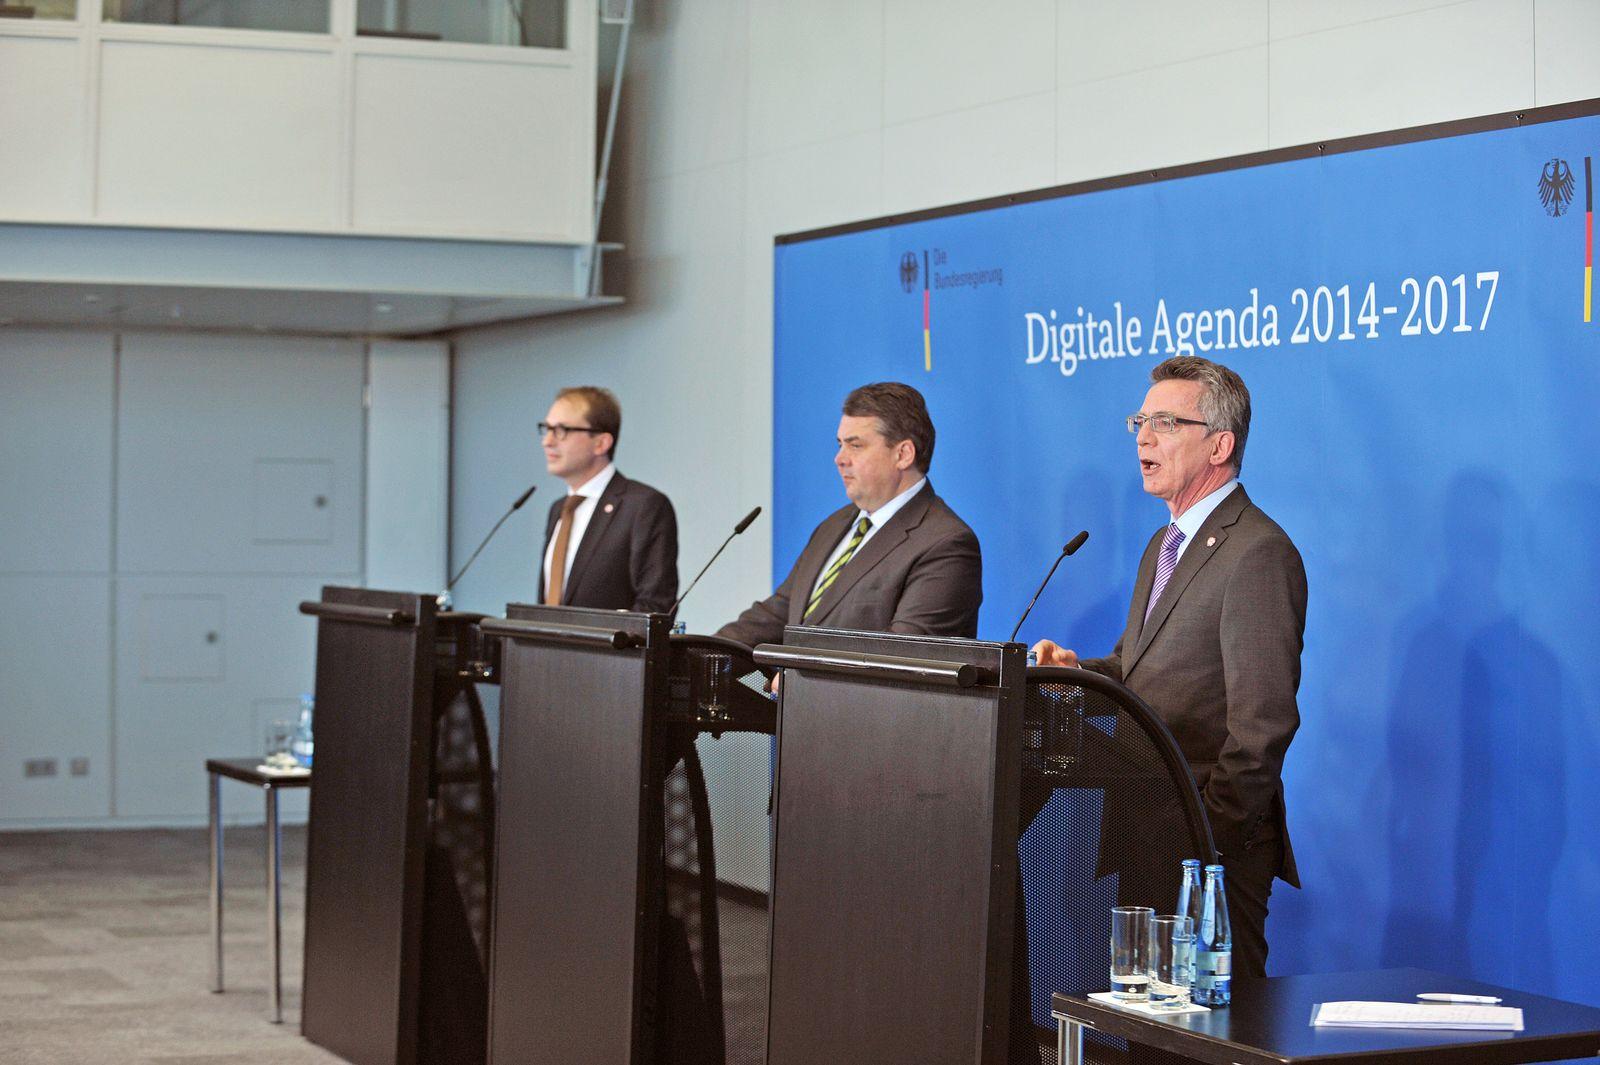 Digitale Agenda der Bundesregierung